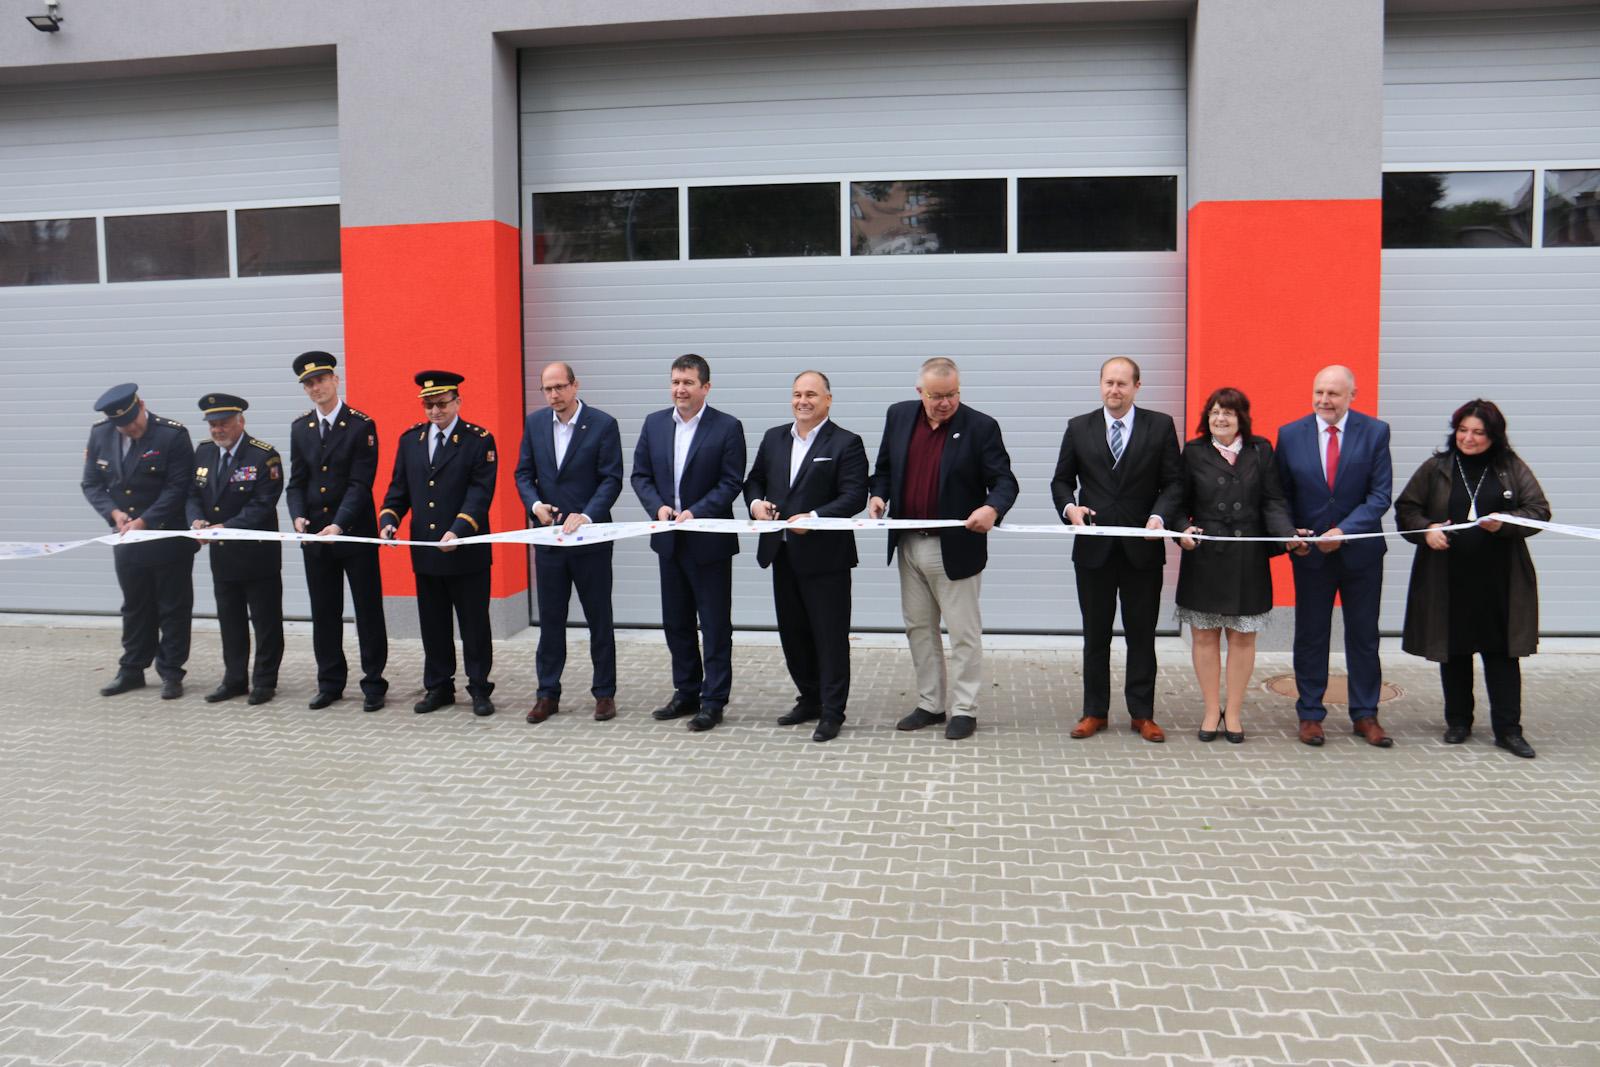 Stavba nové hasičské zbrojnice v Náchodě jedokončena